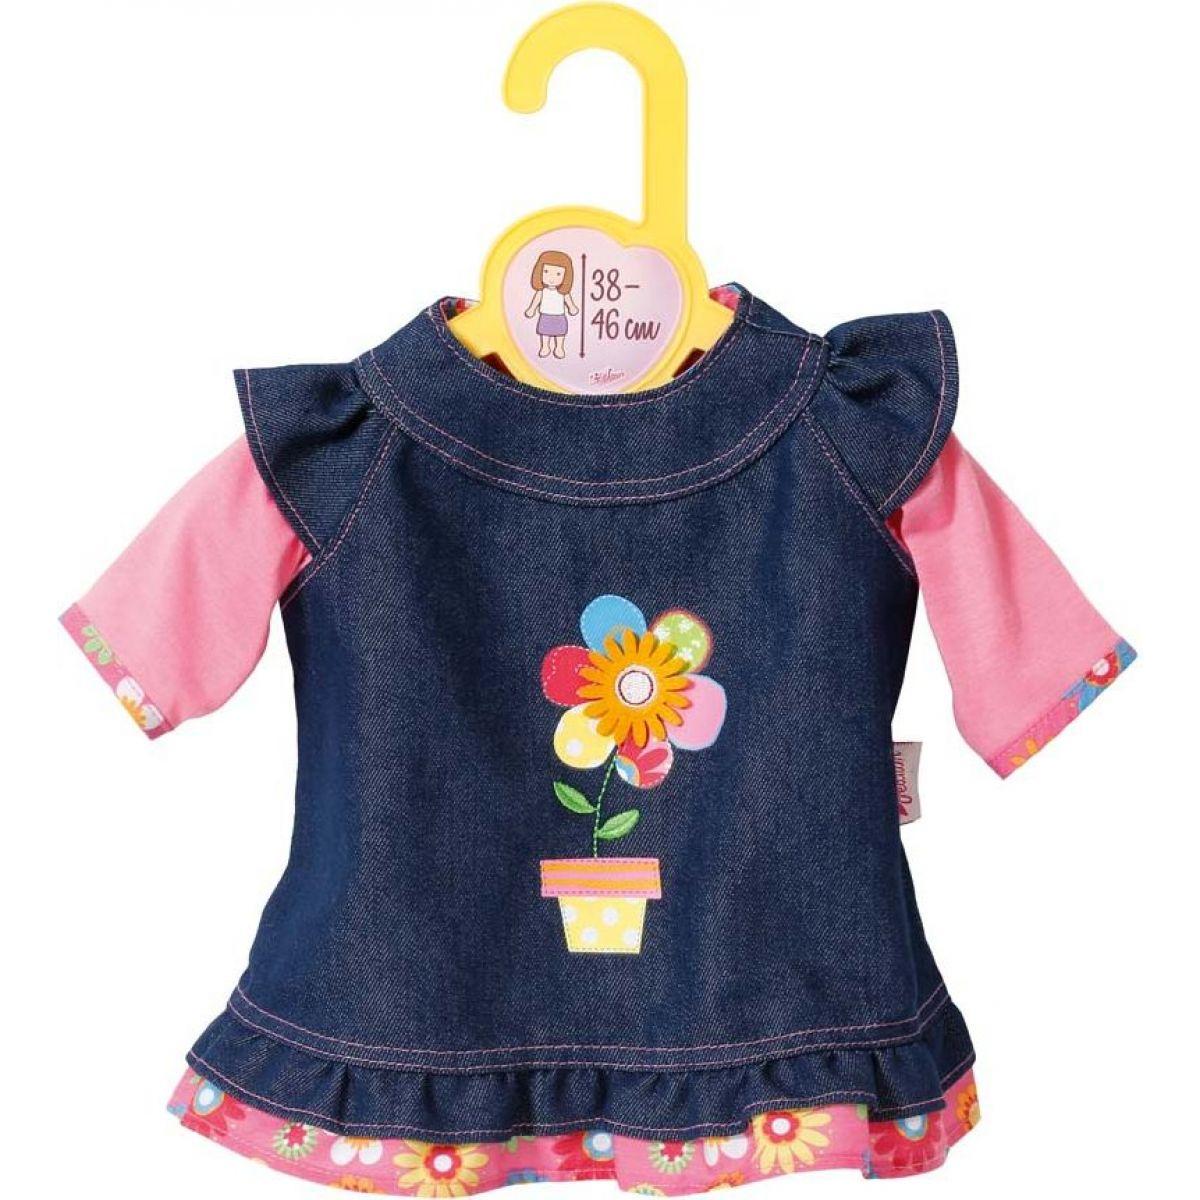 Zapf Creation Dolly Moda Džínsové šatičky 38-46 cm